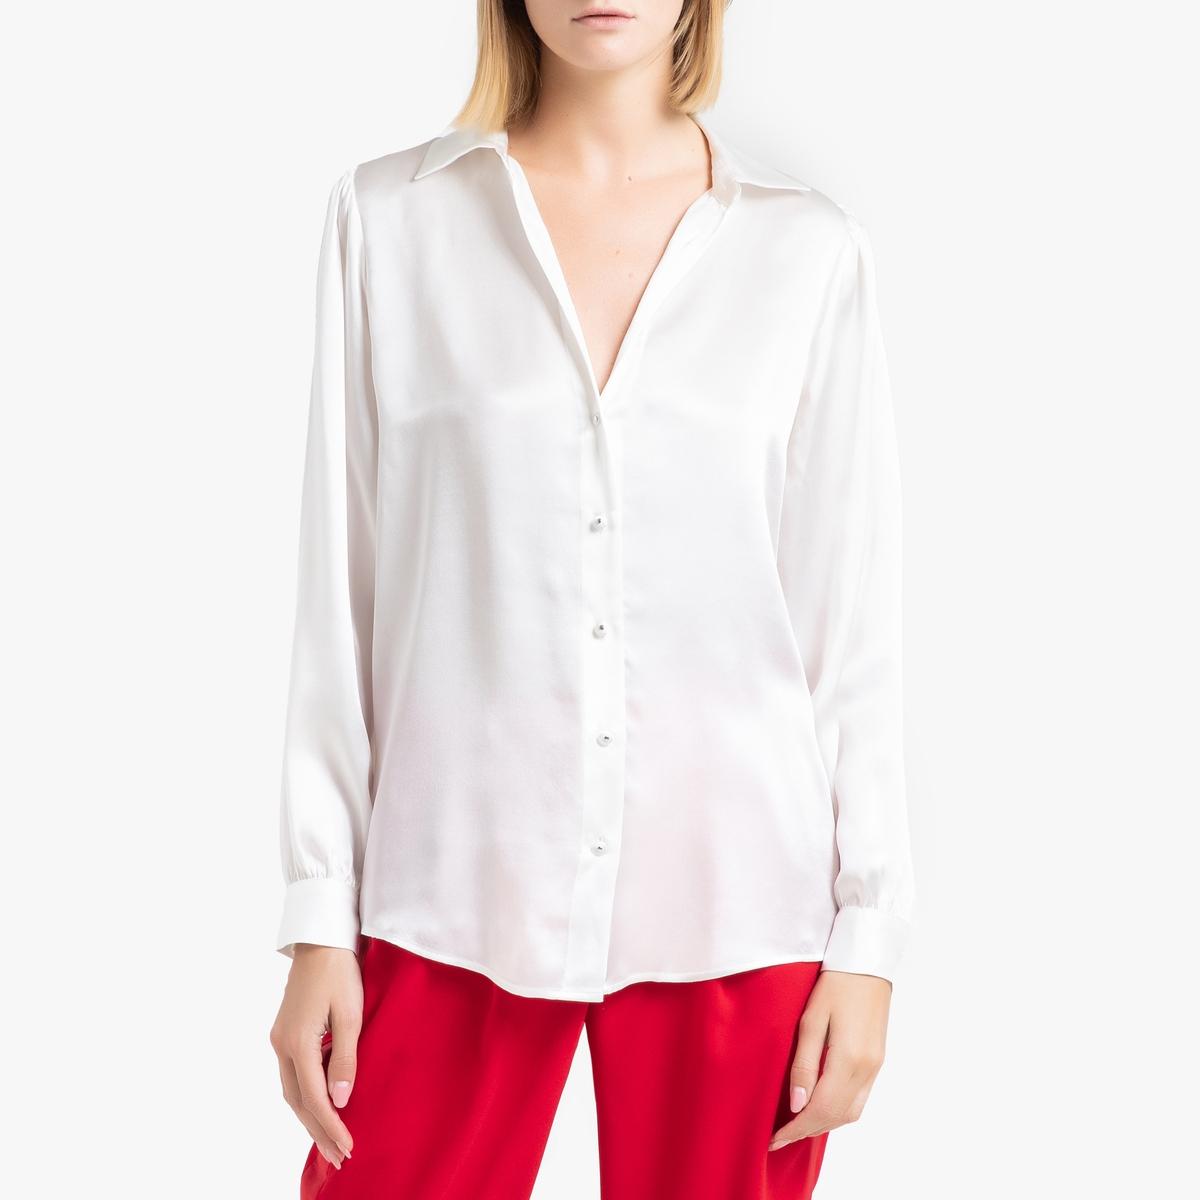 цена Блузка La Redoute С длинными рукавами из шелка 3(L) бежевый онлайн в 2017 году